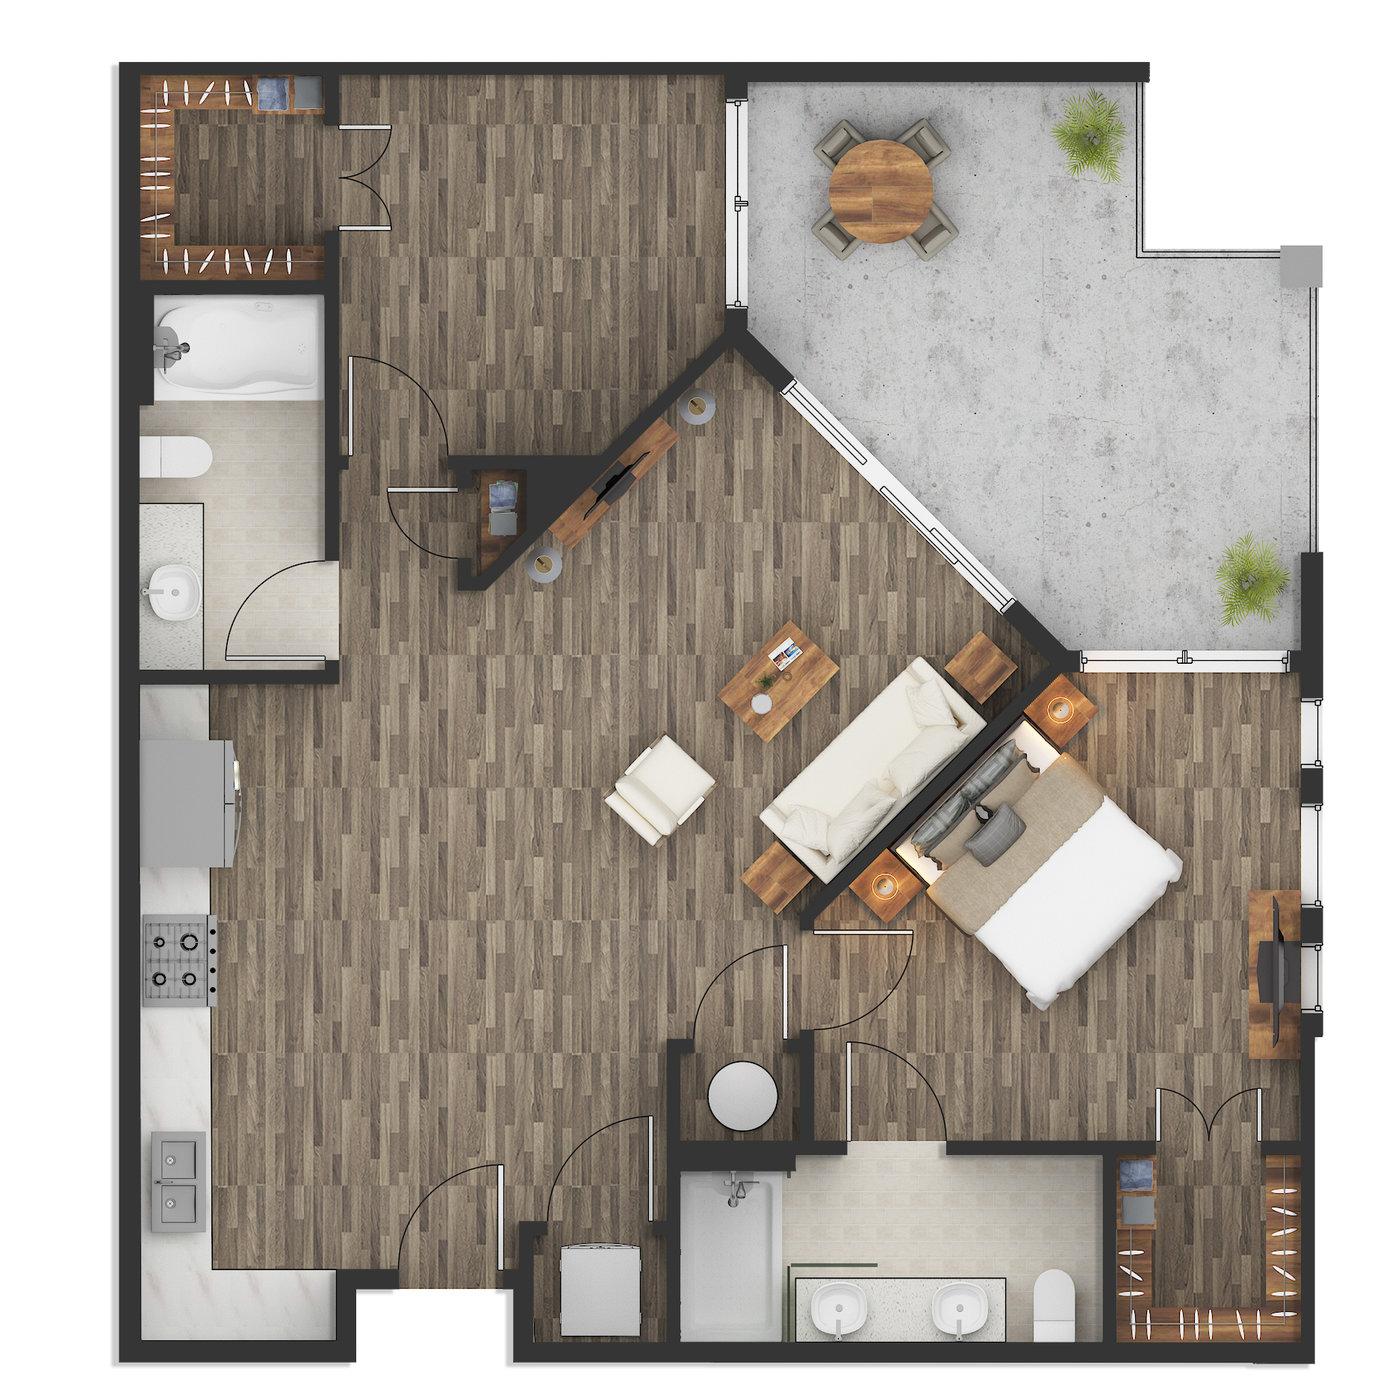 2d Floor Plan Rendering Illustration Services For Real Estate Developer Cgtrader